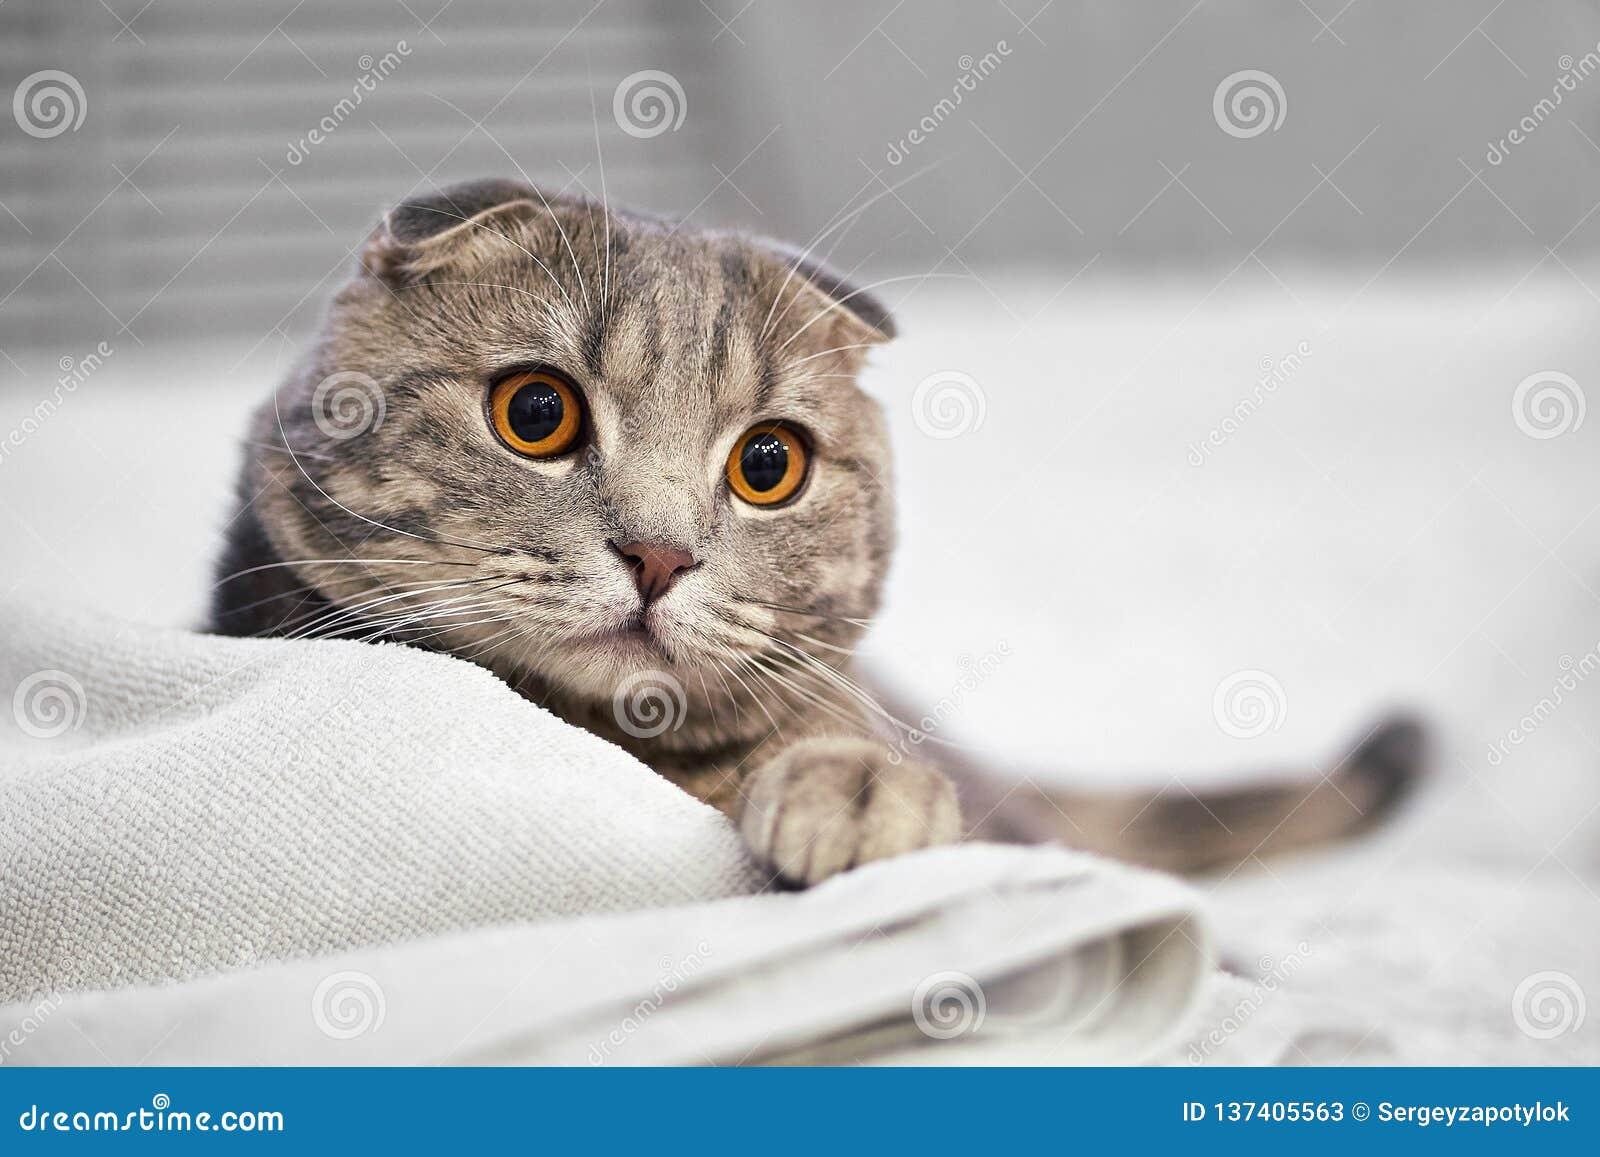 Le chat tigré de pli écossais gris adorable sont accroupi sur le lit blanc dans la chambre